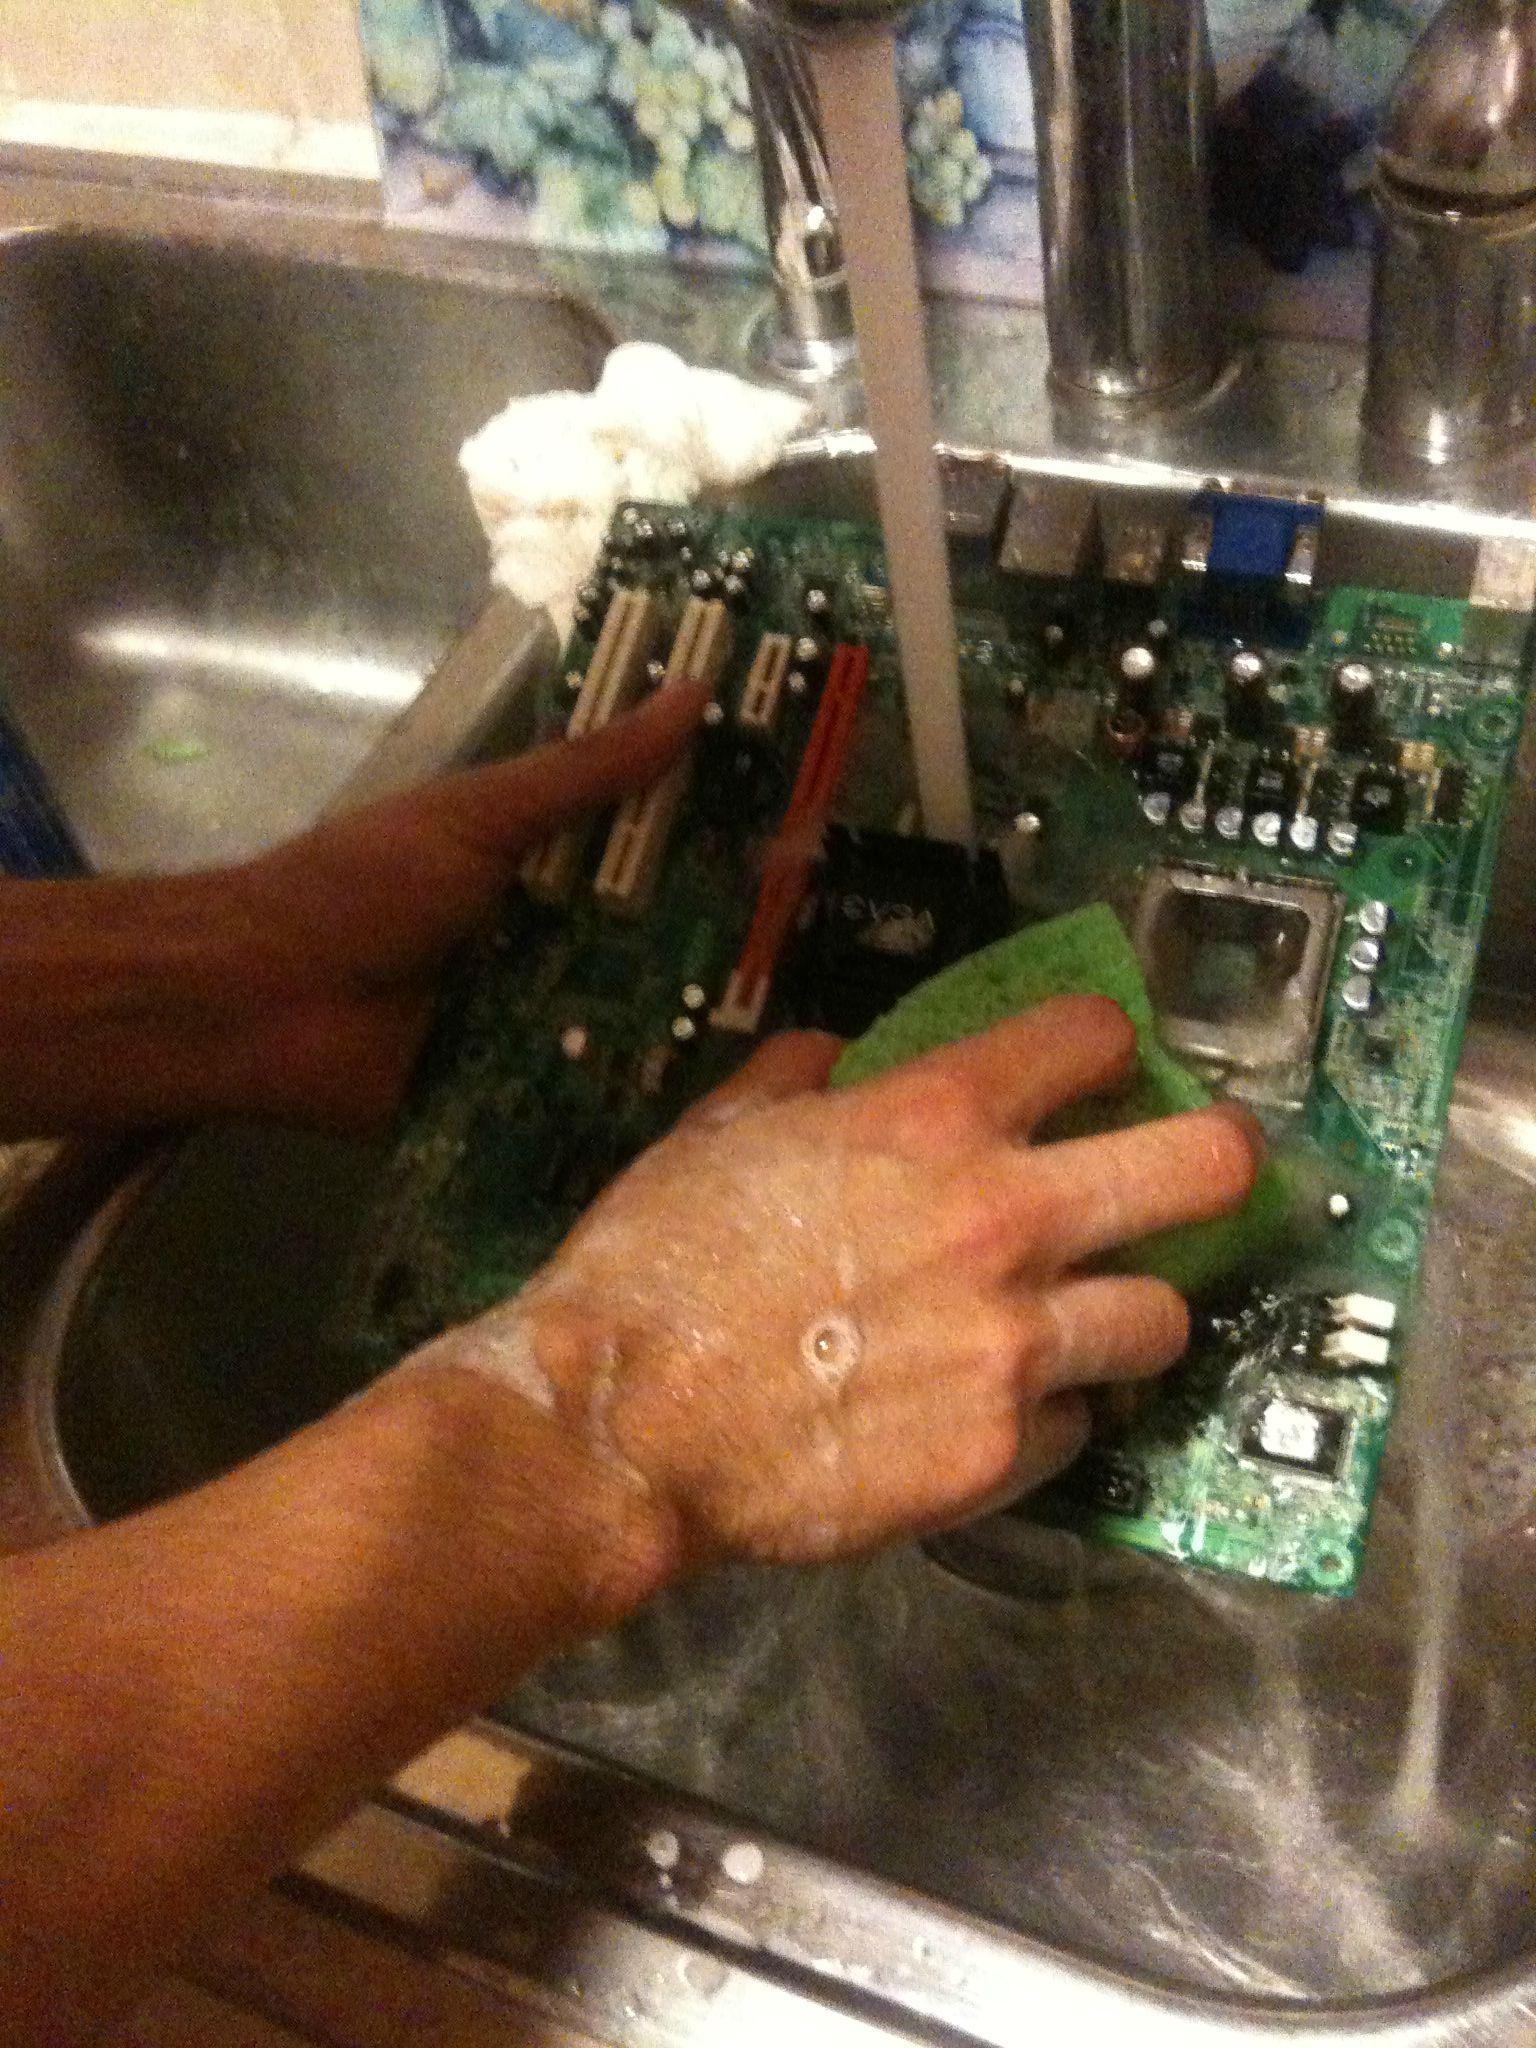 Clean motherboard